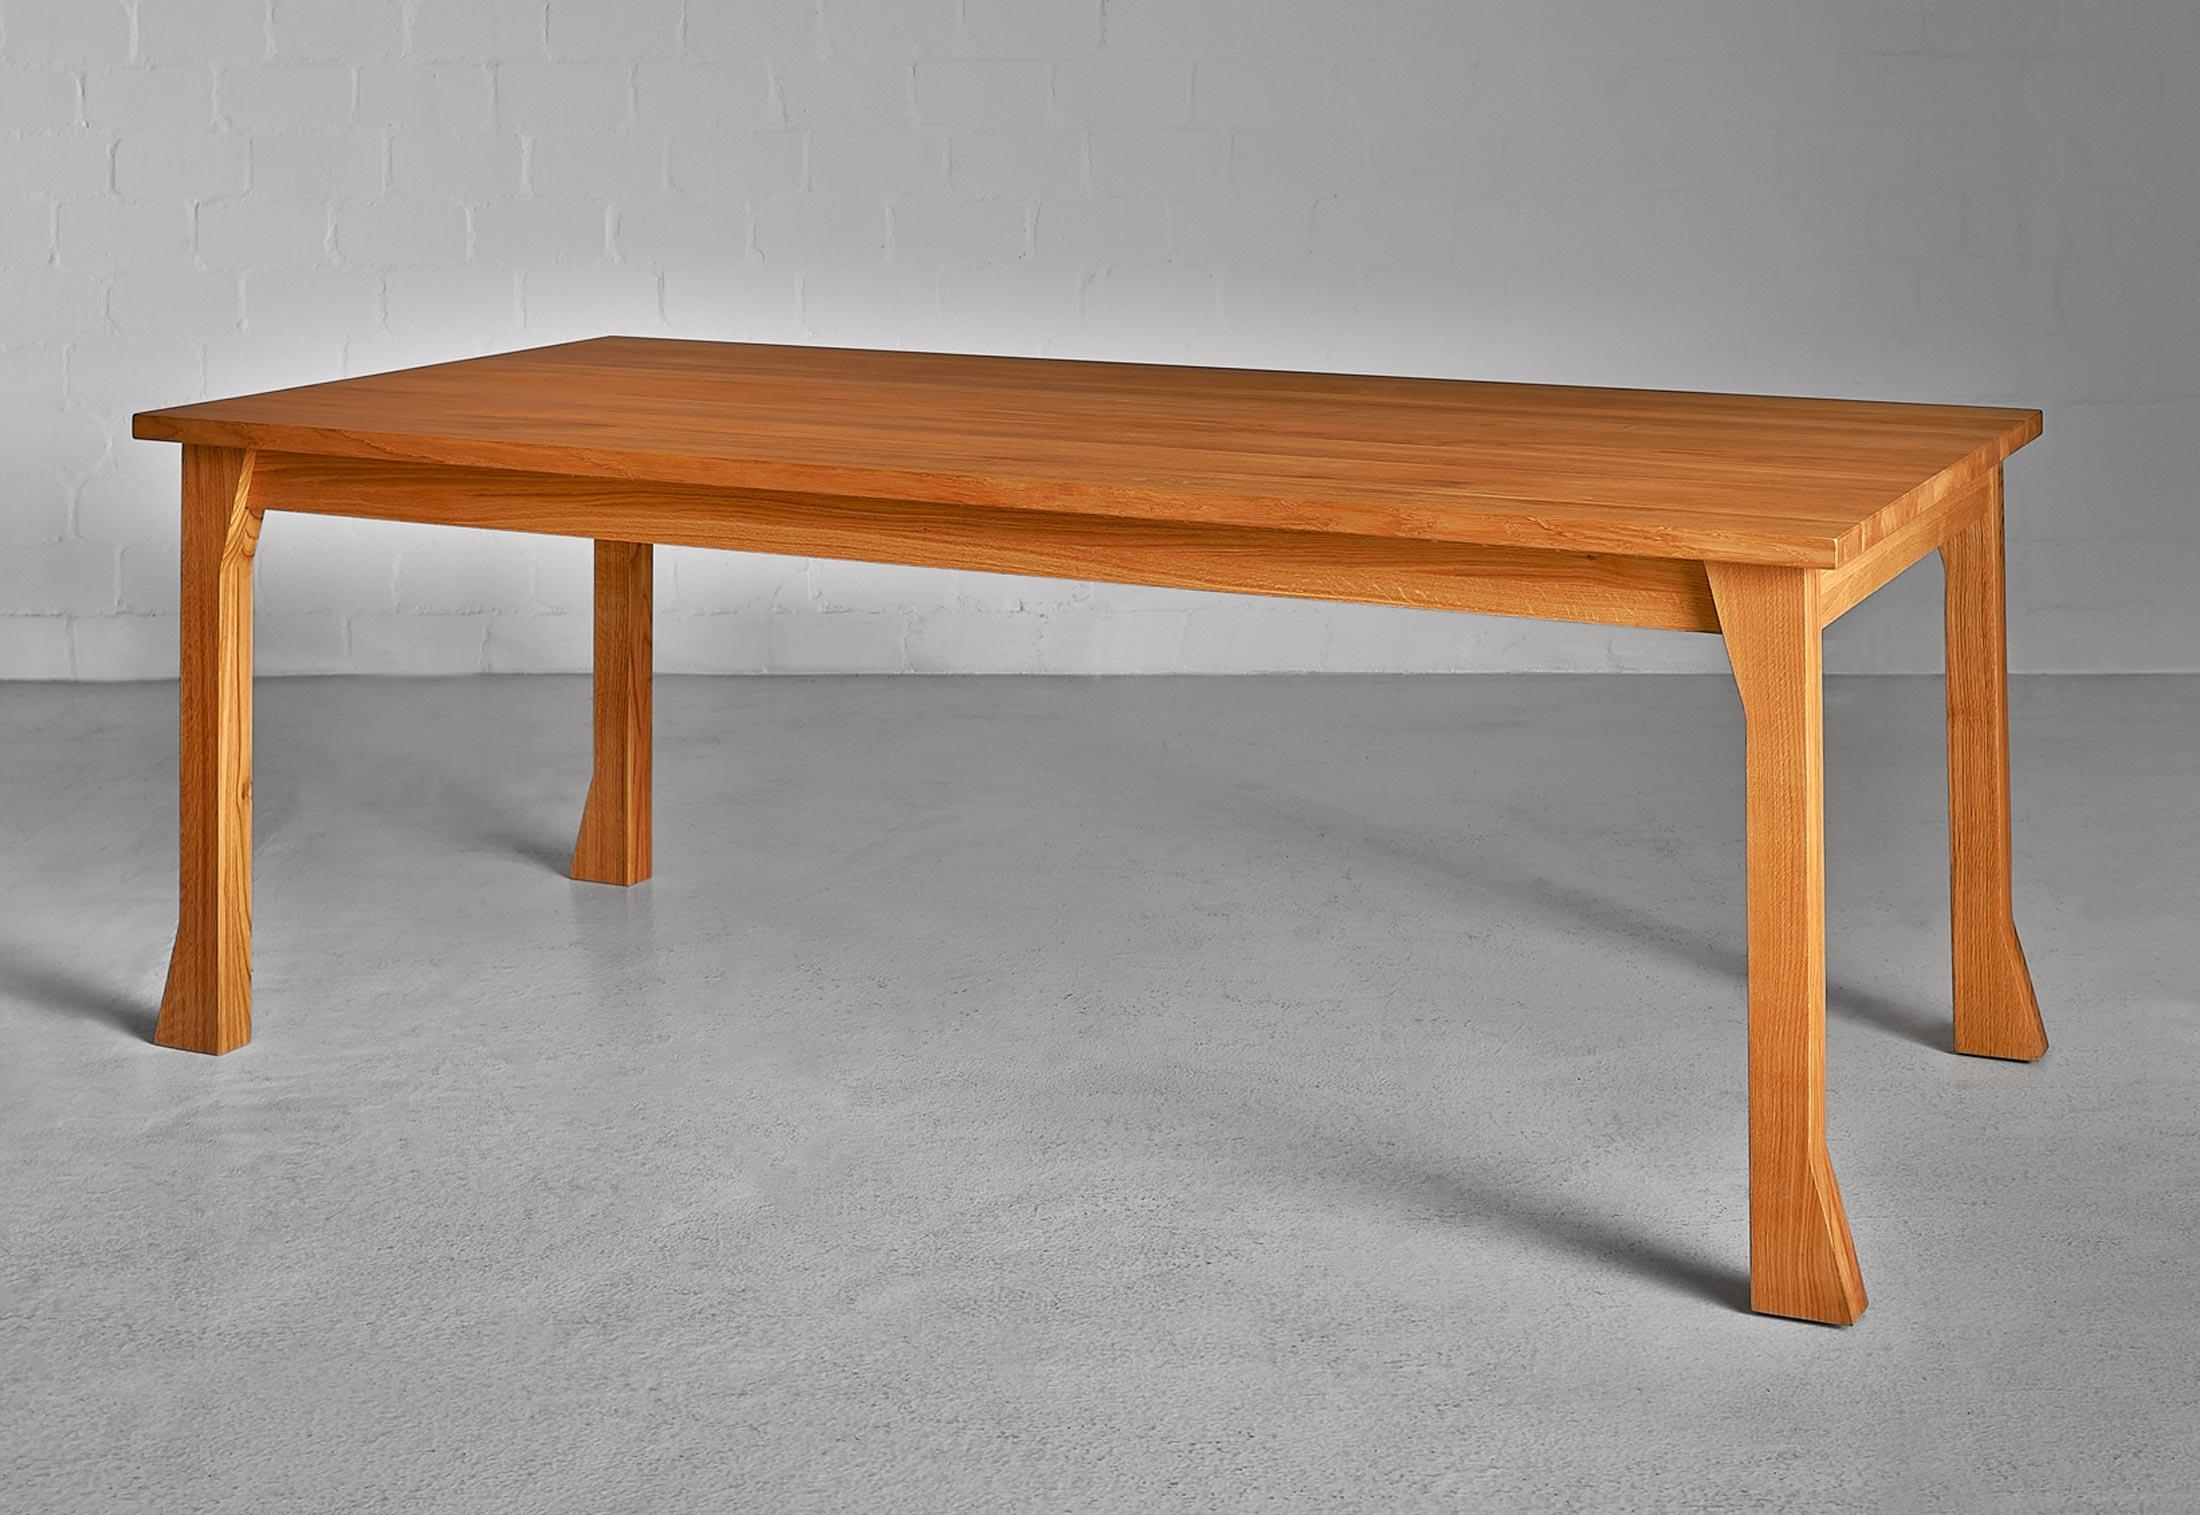 Campana tisch von vitamin design stylepark for Vitamin design tisch forte